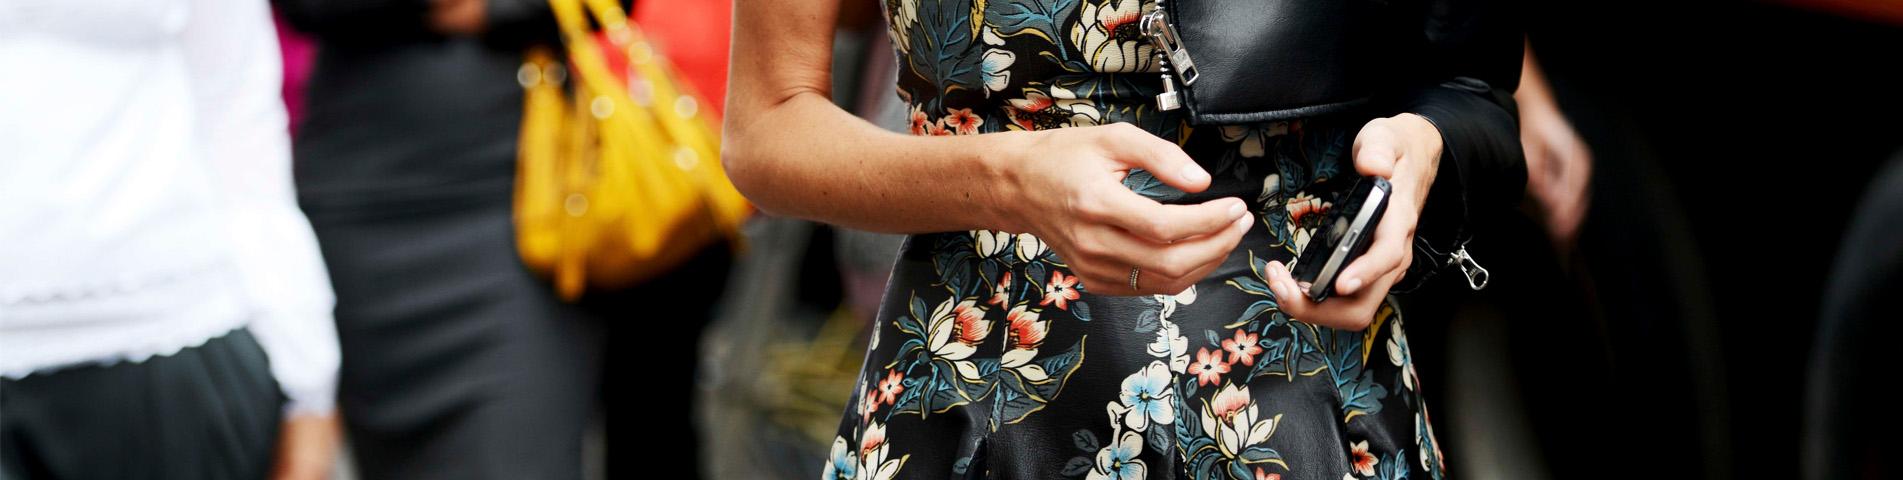 lookizmus az öltözködés nem magánügy